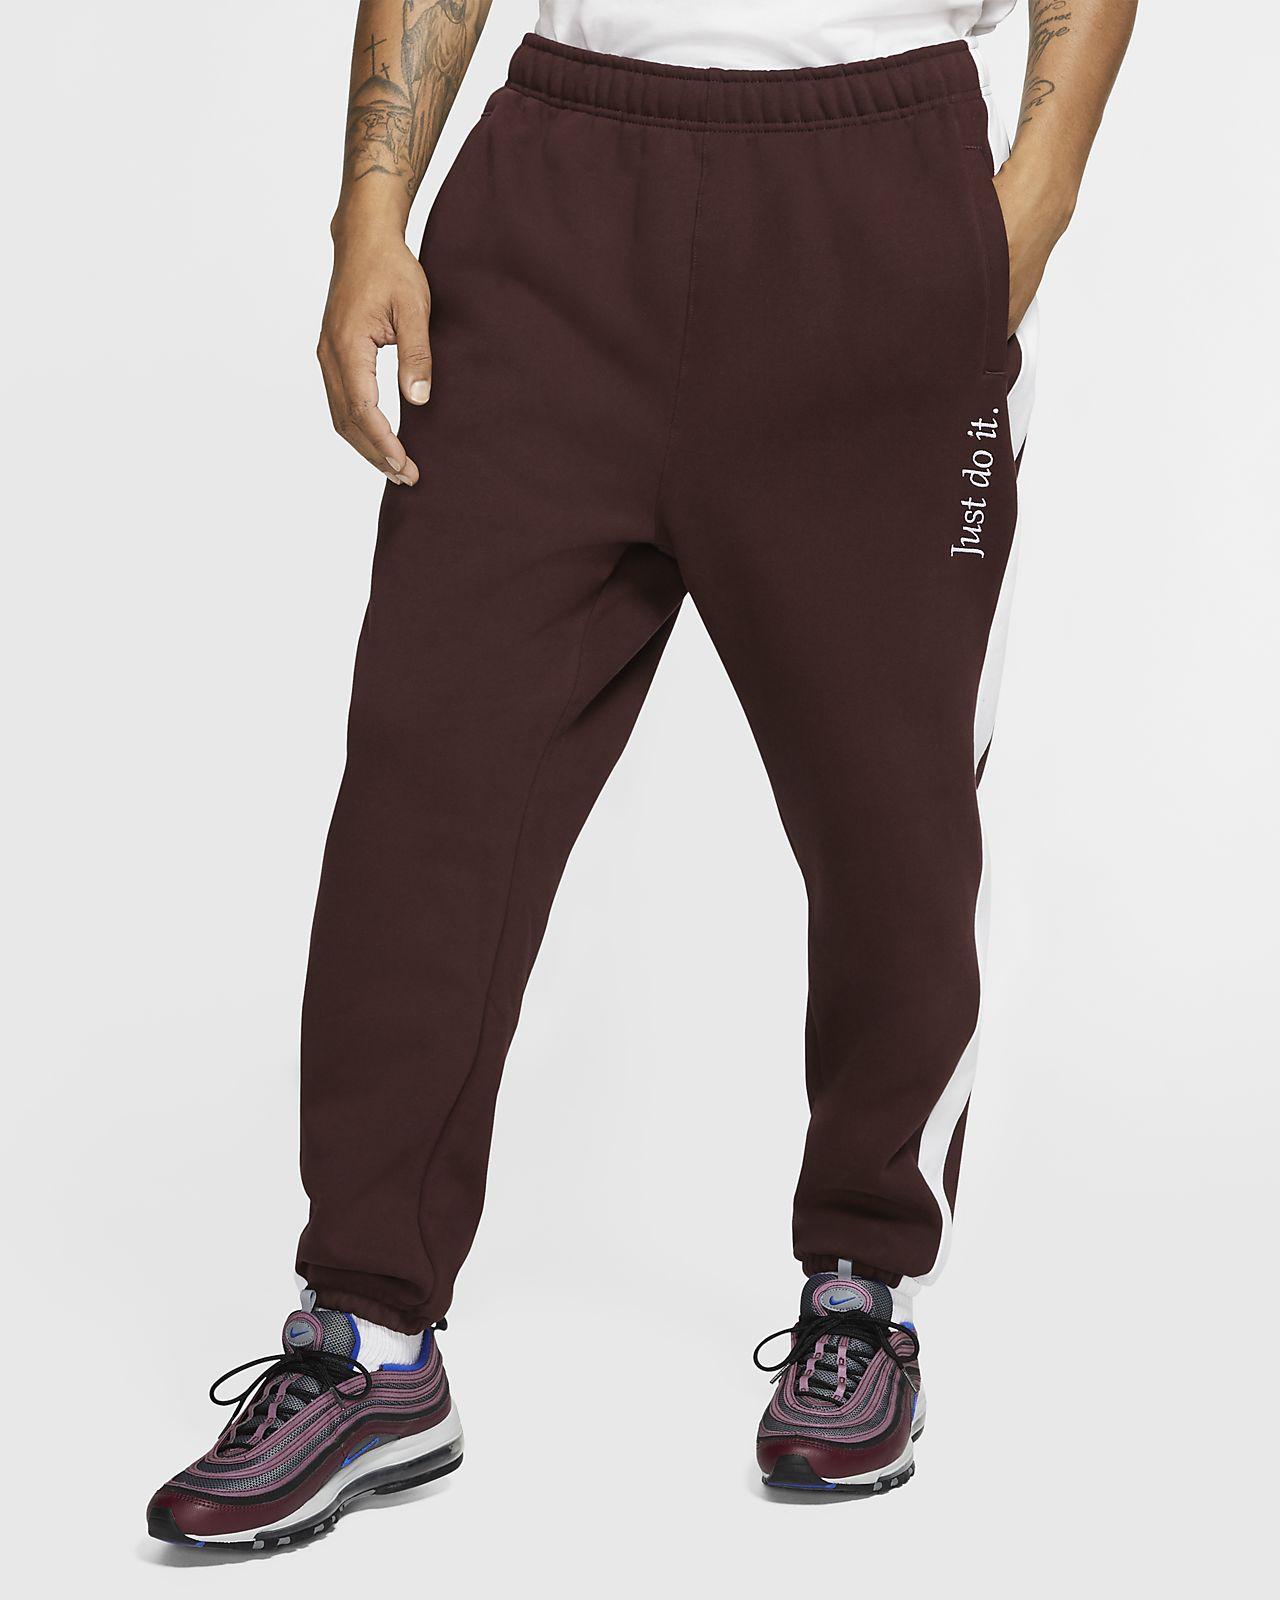 pantaloni just do it nike